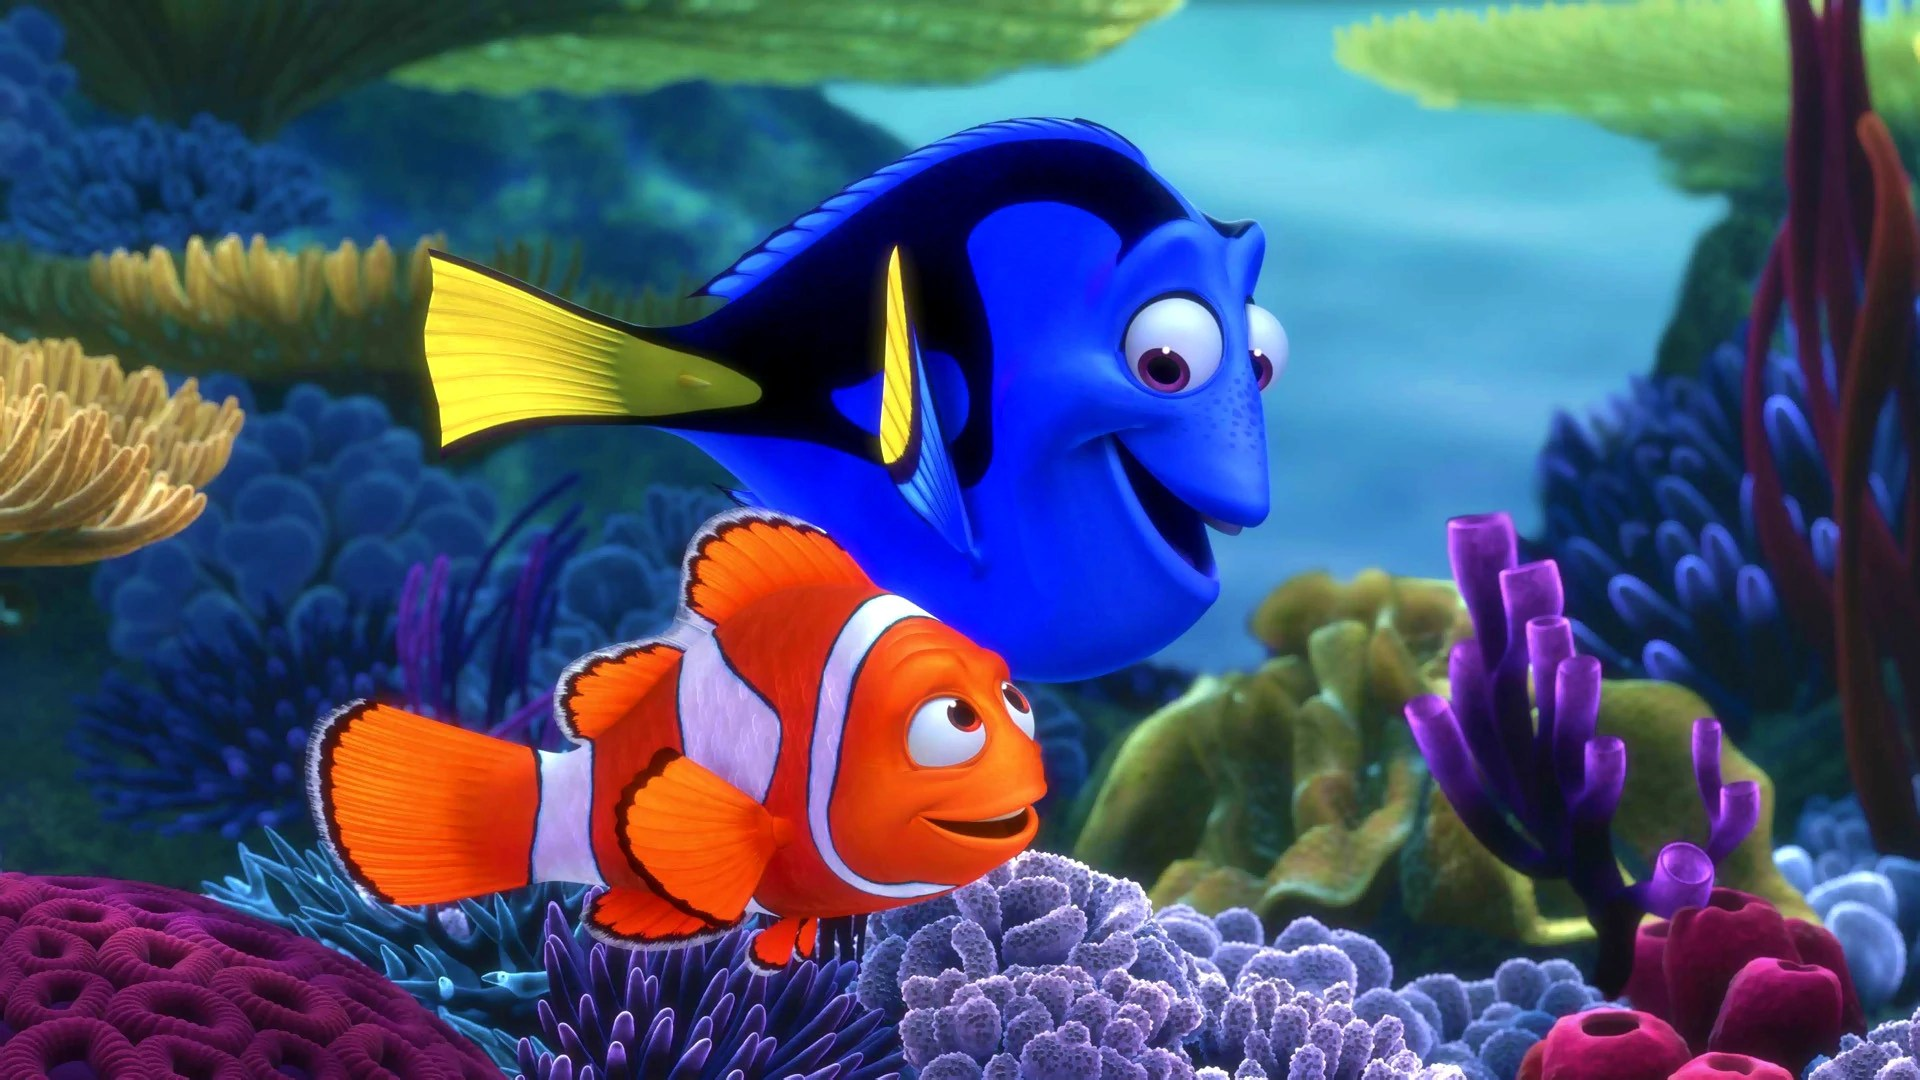 https://i1.wp.com/images.wikia.com/pixar/images/2/26/Finding-nemo-dory-marlin.jpg